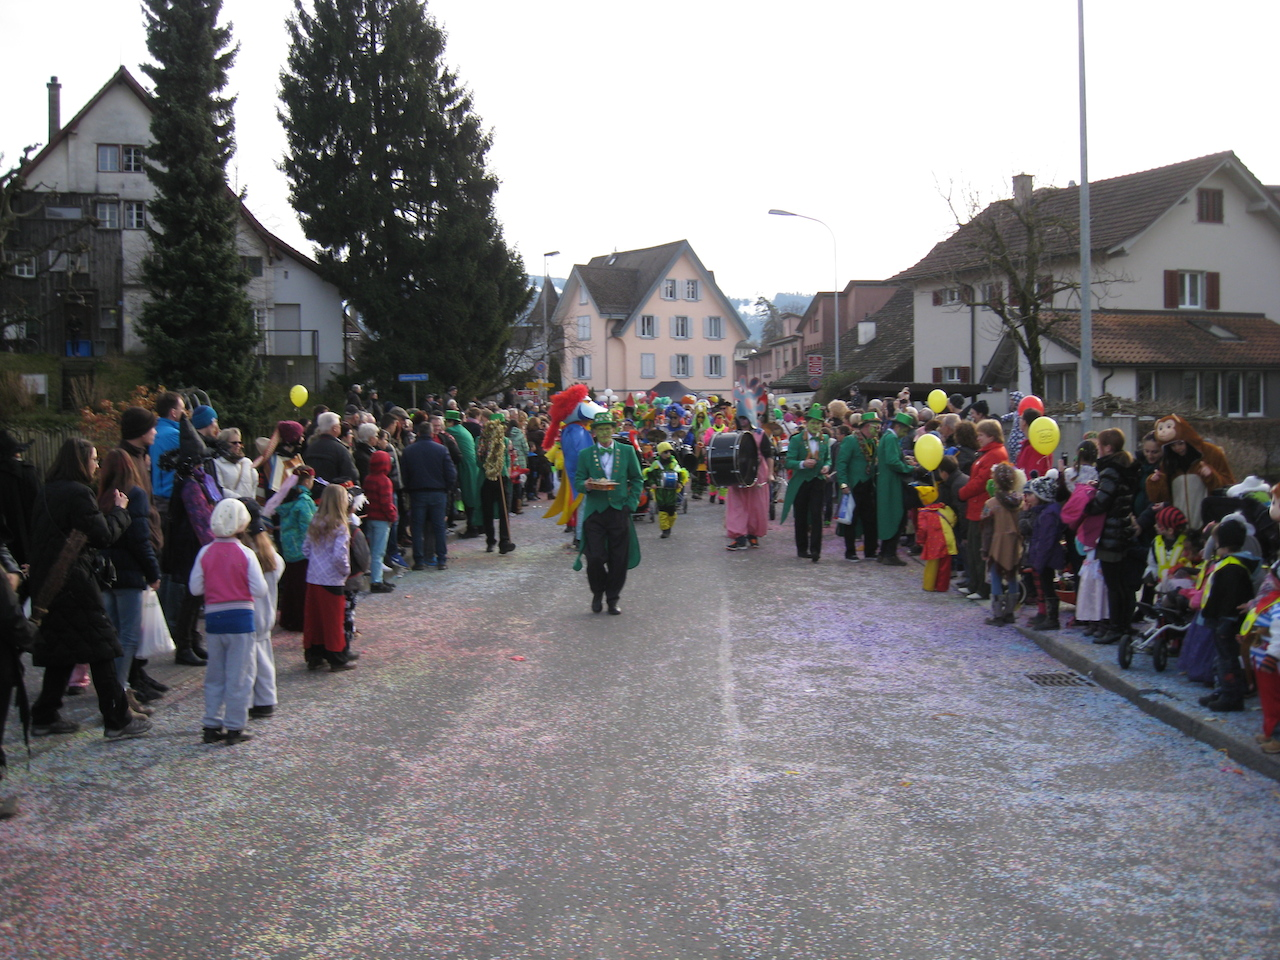 2014-02-27-Fasnacht-50-Jahre-Wurstkranz-029